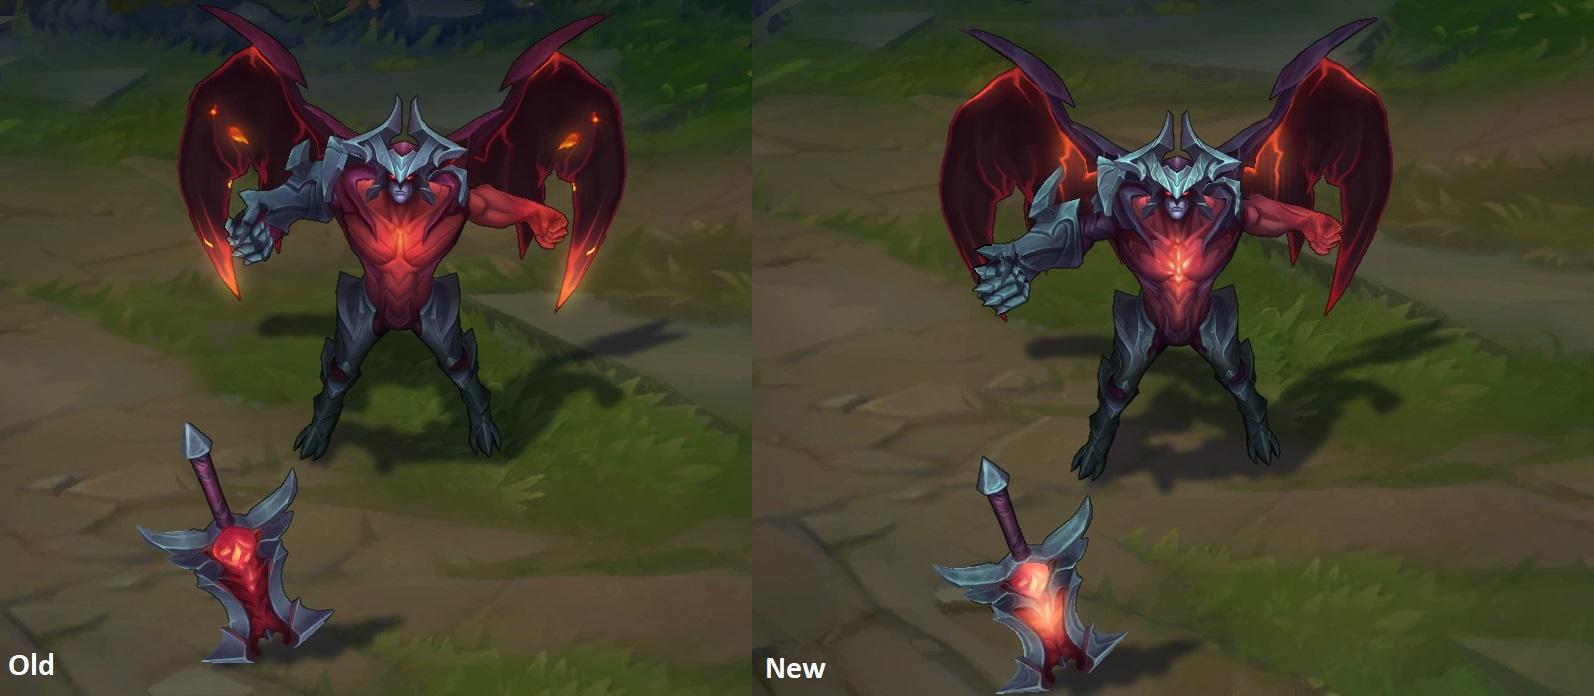 [Wing Comparison]